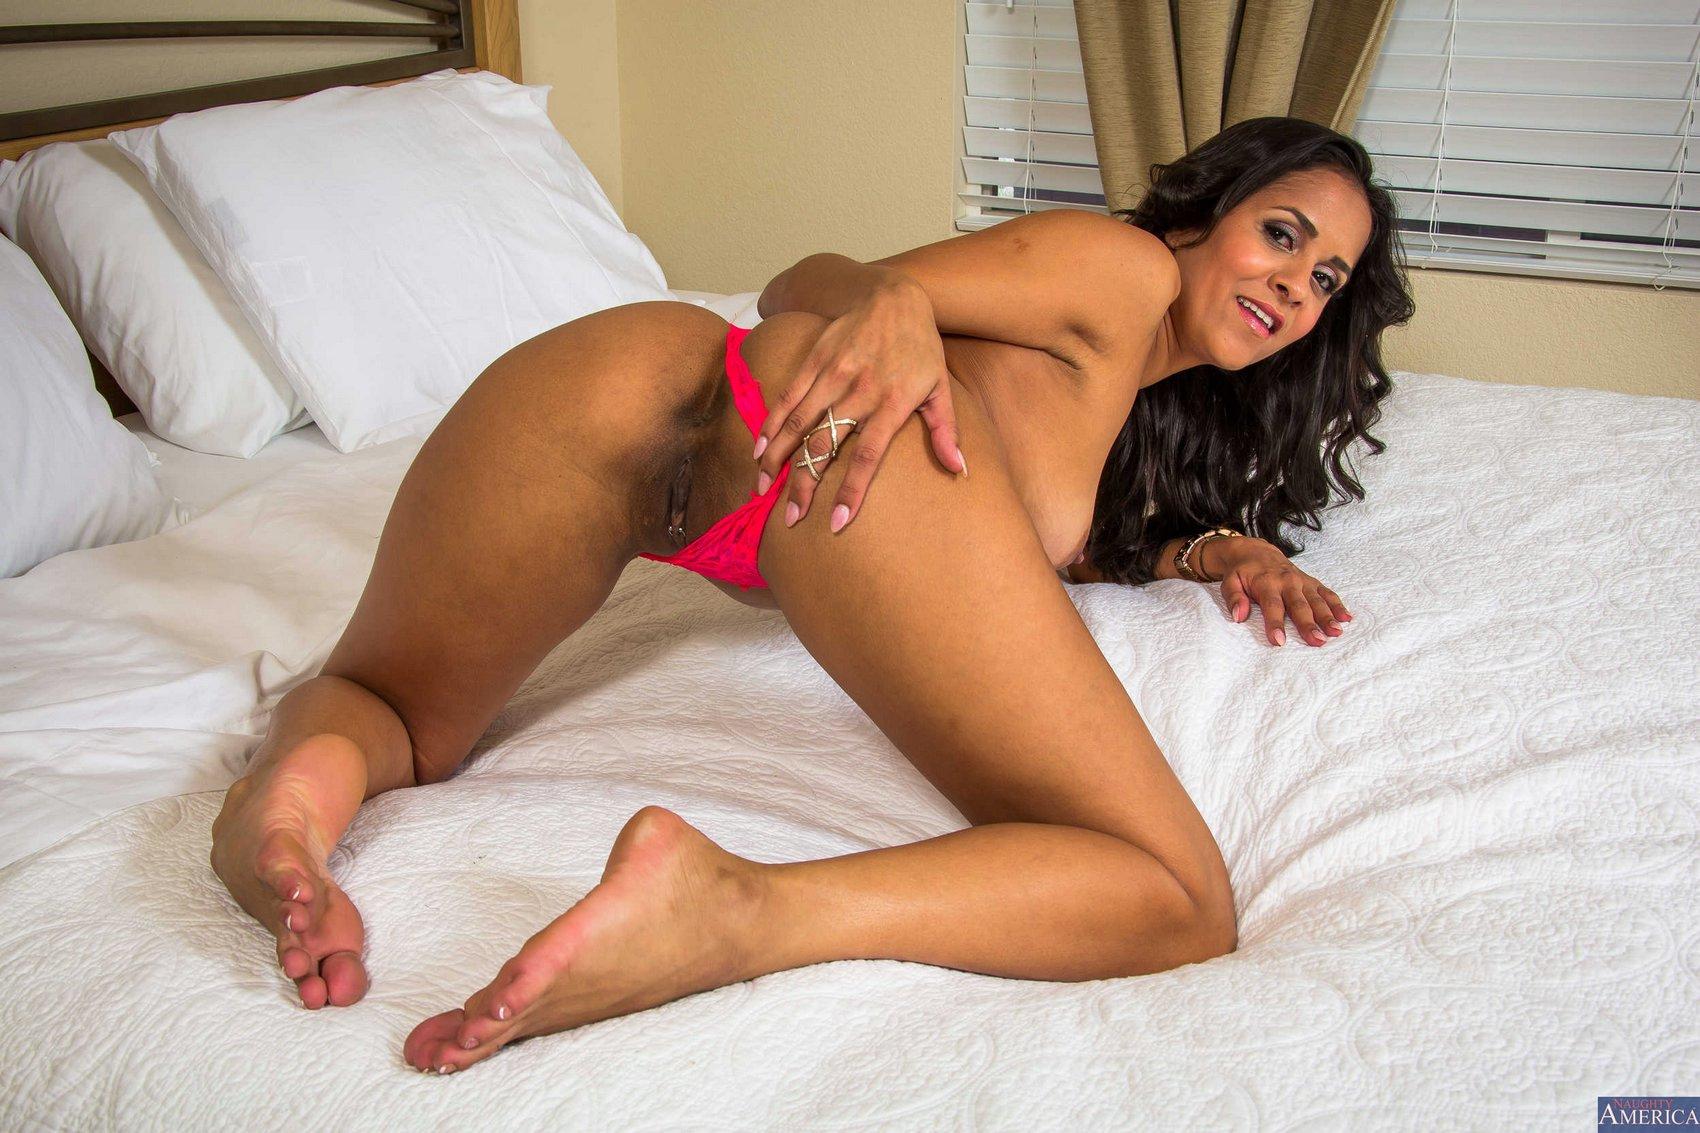 Список порноактрисы латинки, Самые красивые порно актрисы, лучшие порноактисы 20 фотография